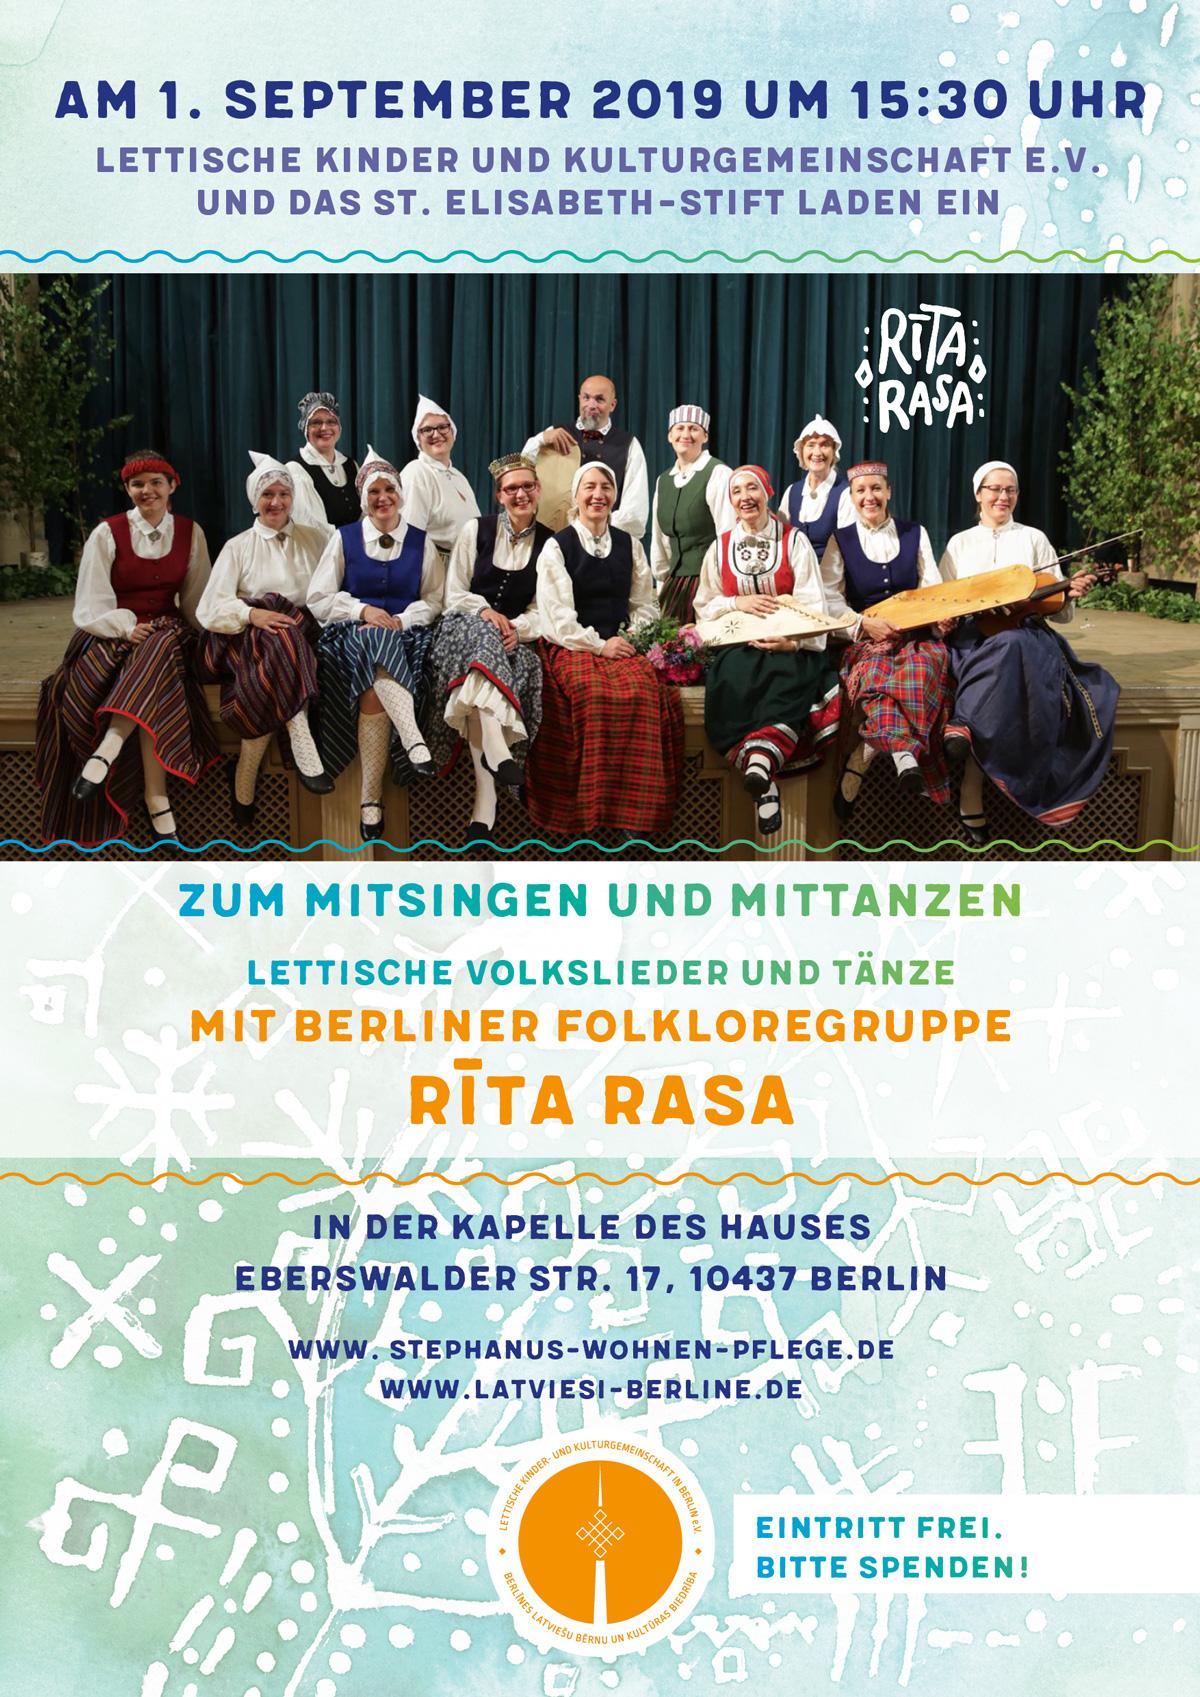 Am 1. September 2019 Um 15:30 Uhr Zum Mitsingen Und Mittanzen Lettische Volkslieder Und Tänze